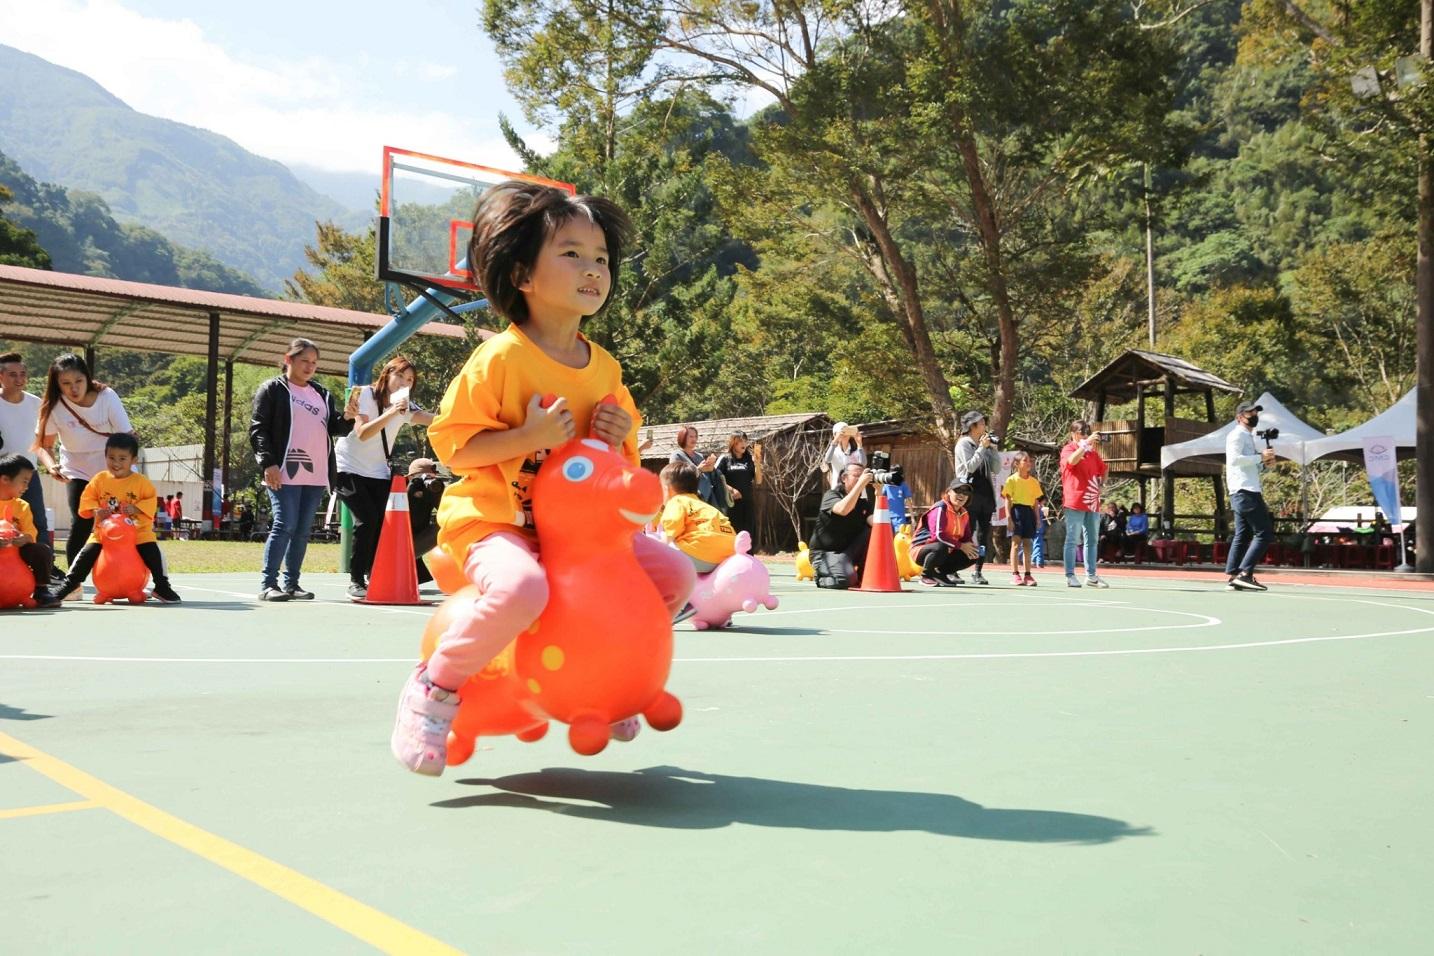 偏鄉小學運將資源送進部落,趣味闖關活動孩子們玩得開心。